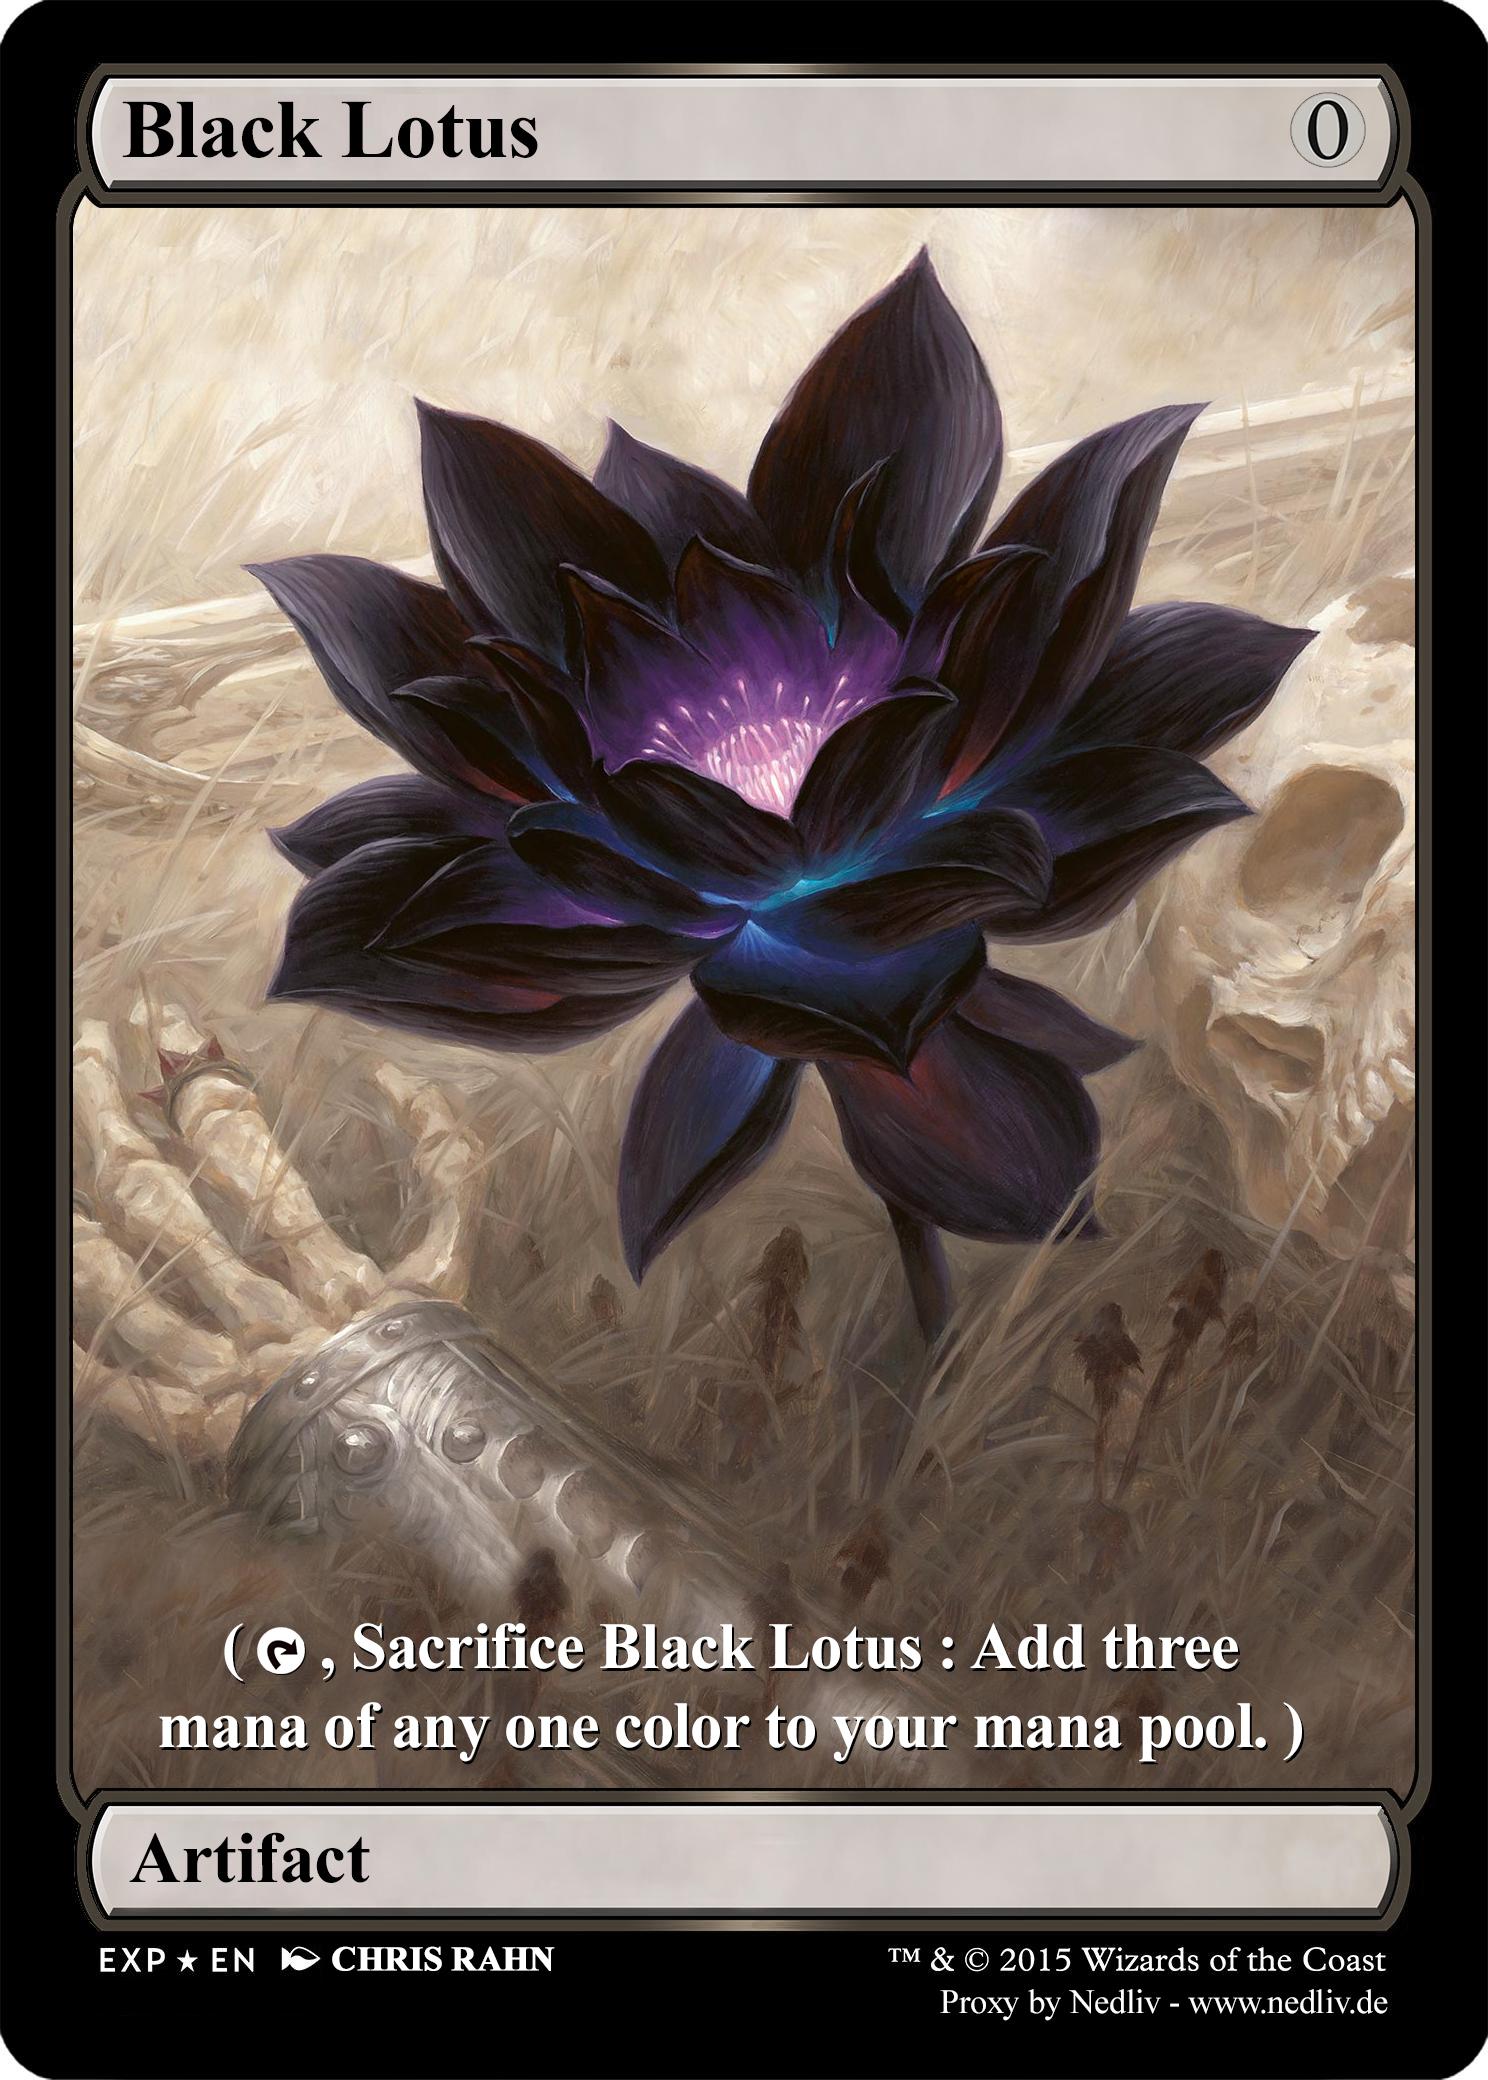 mtg altered fullart proxy black lotus by nedliv on. Black Bedroom Furniture Sets. Home Design Ideas